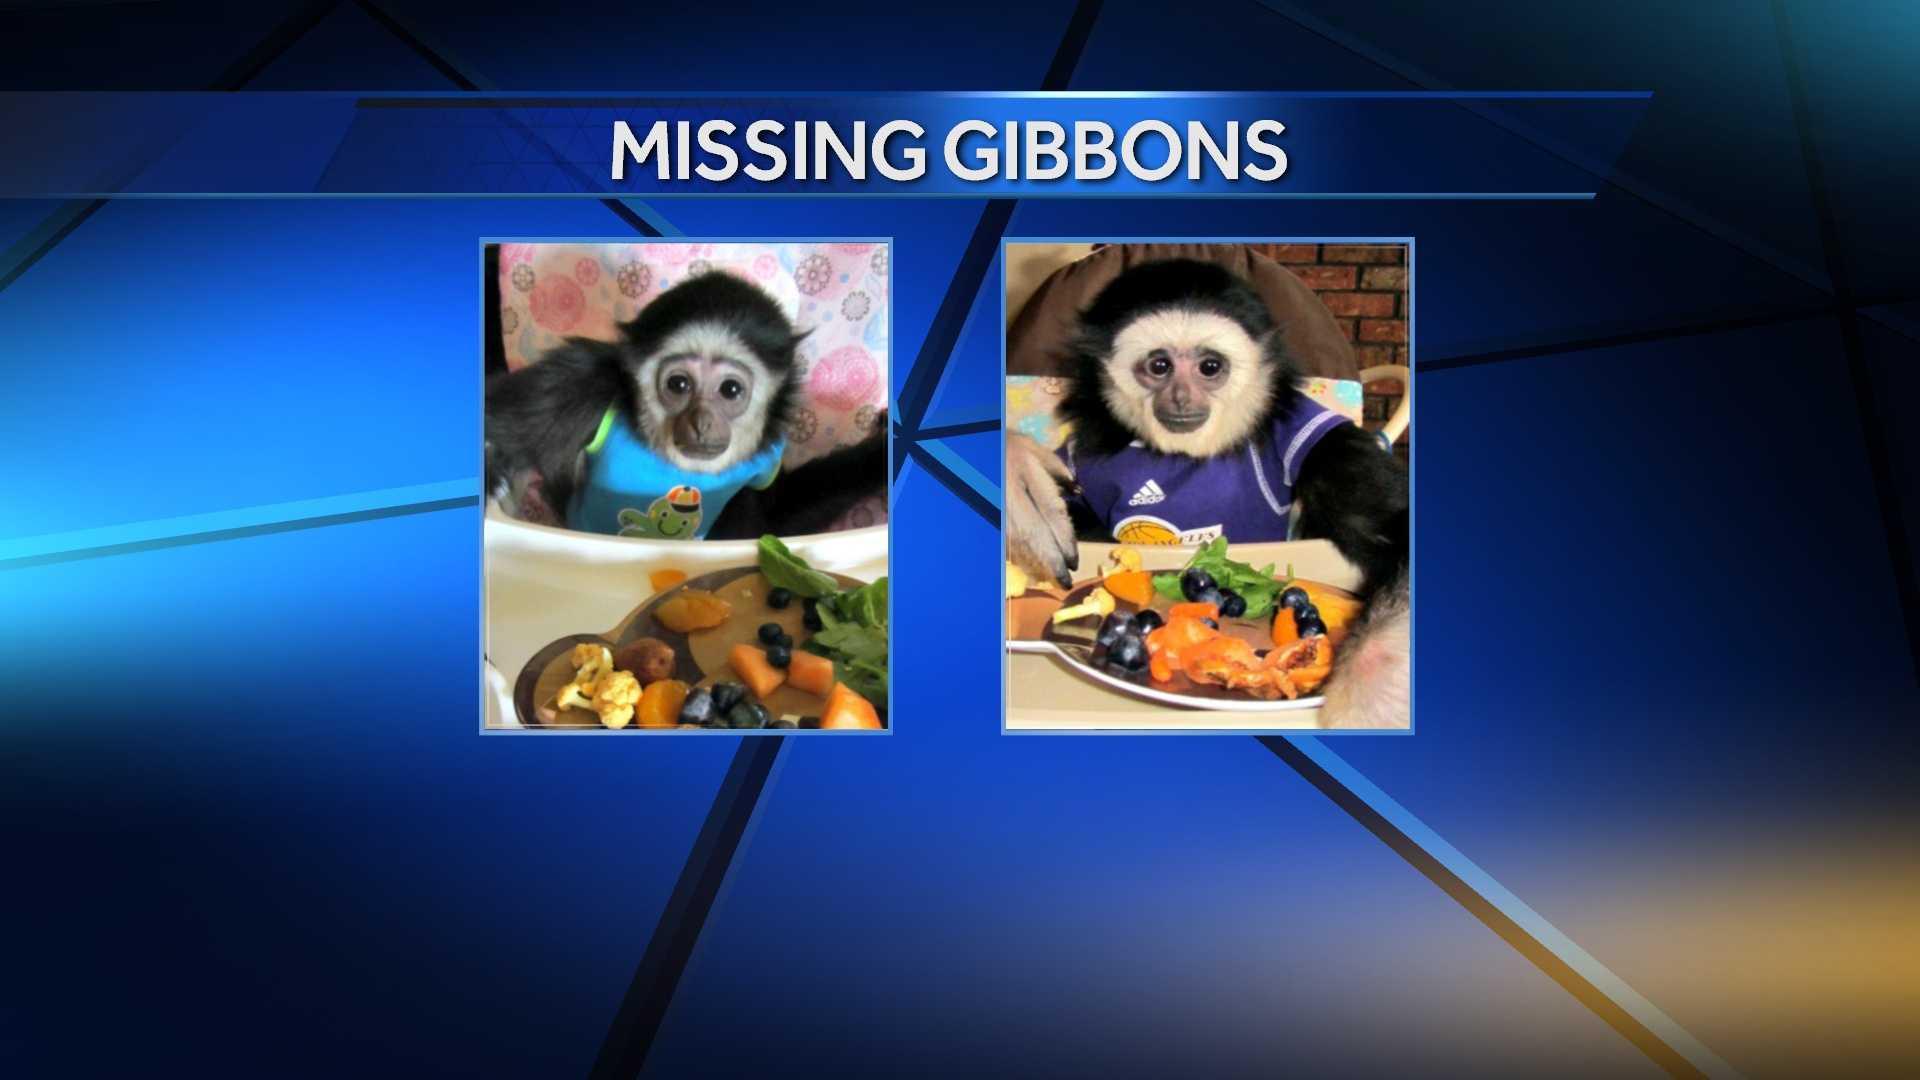 Missing gibbons